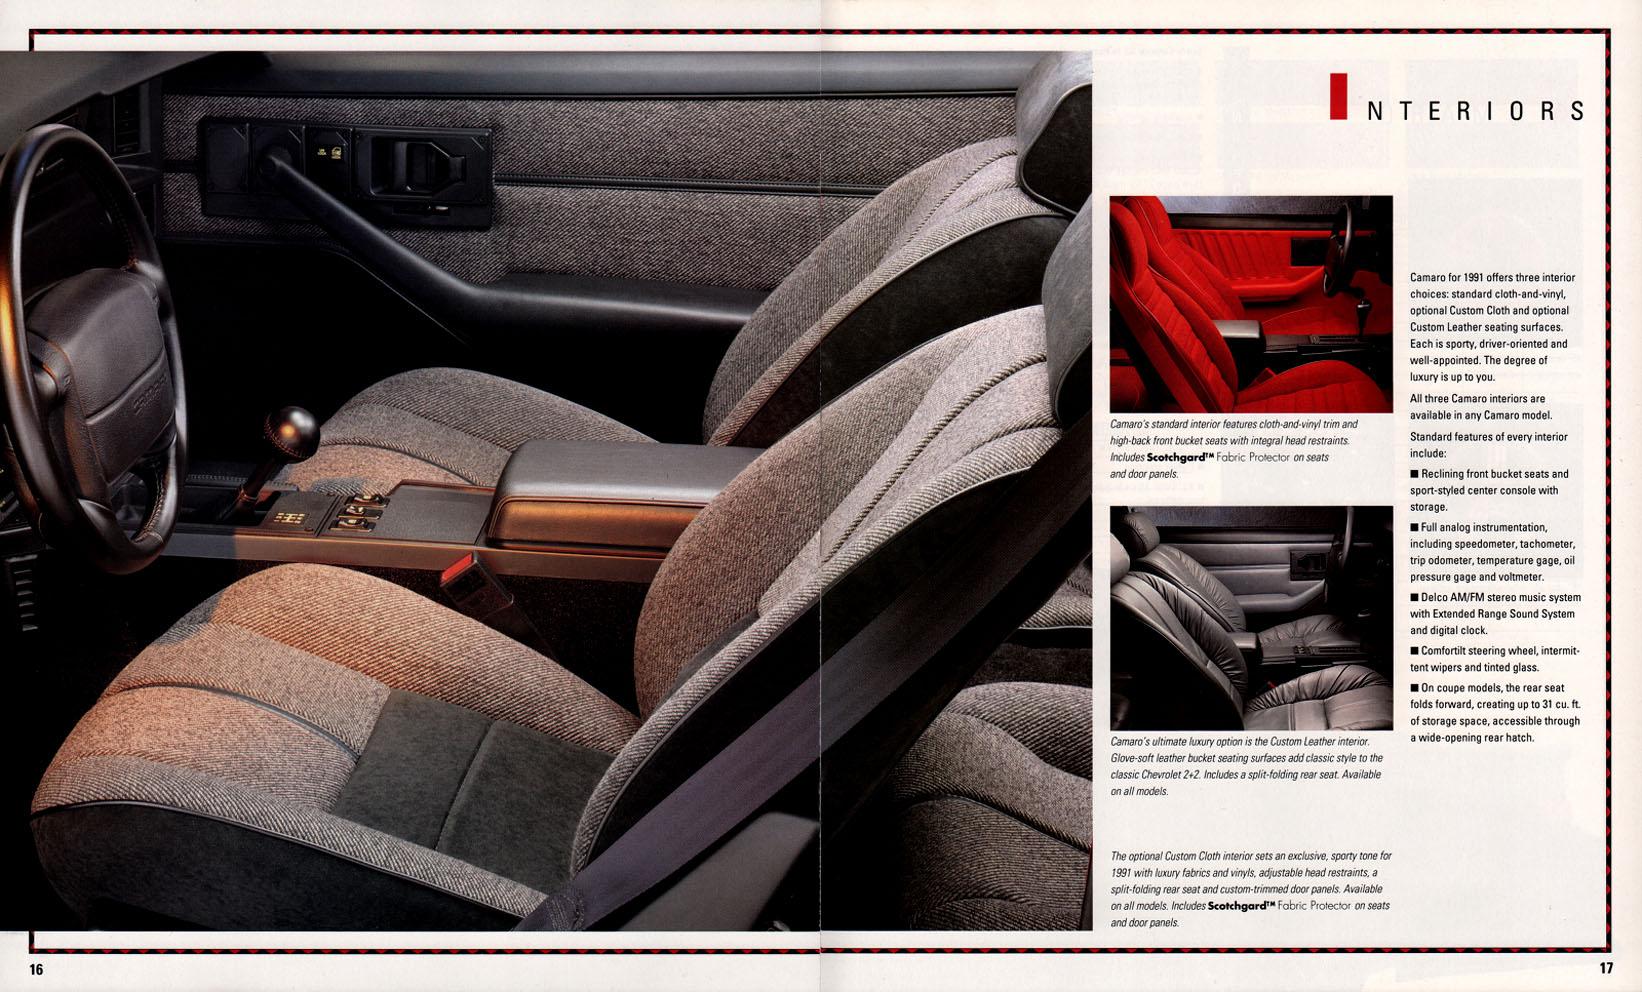 1991 Camaro OEM Brochure (12)